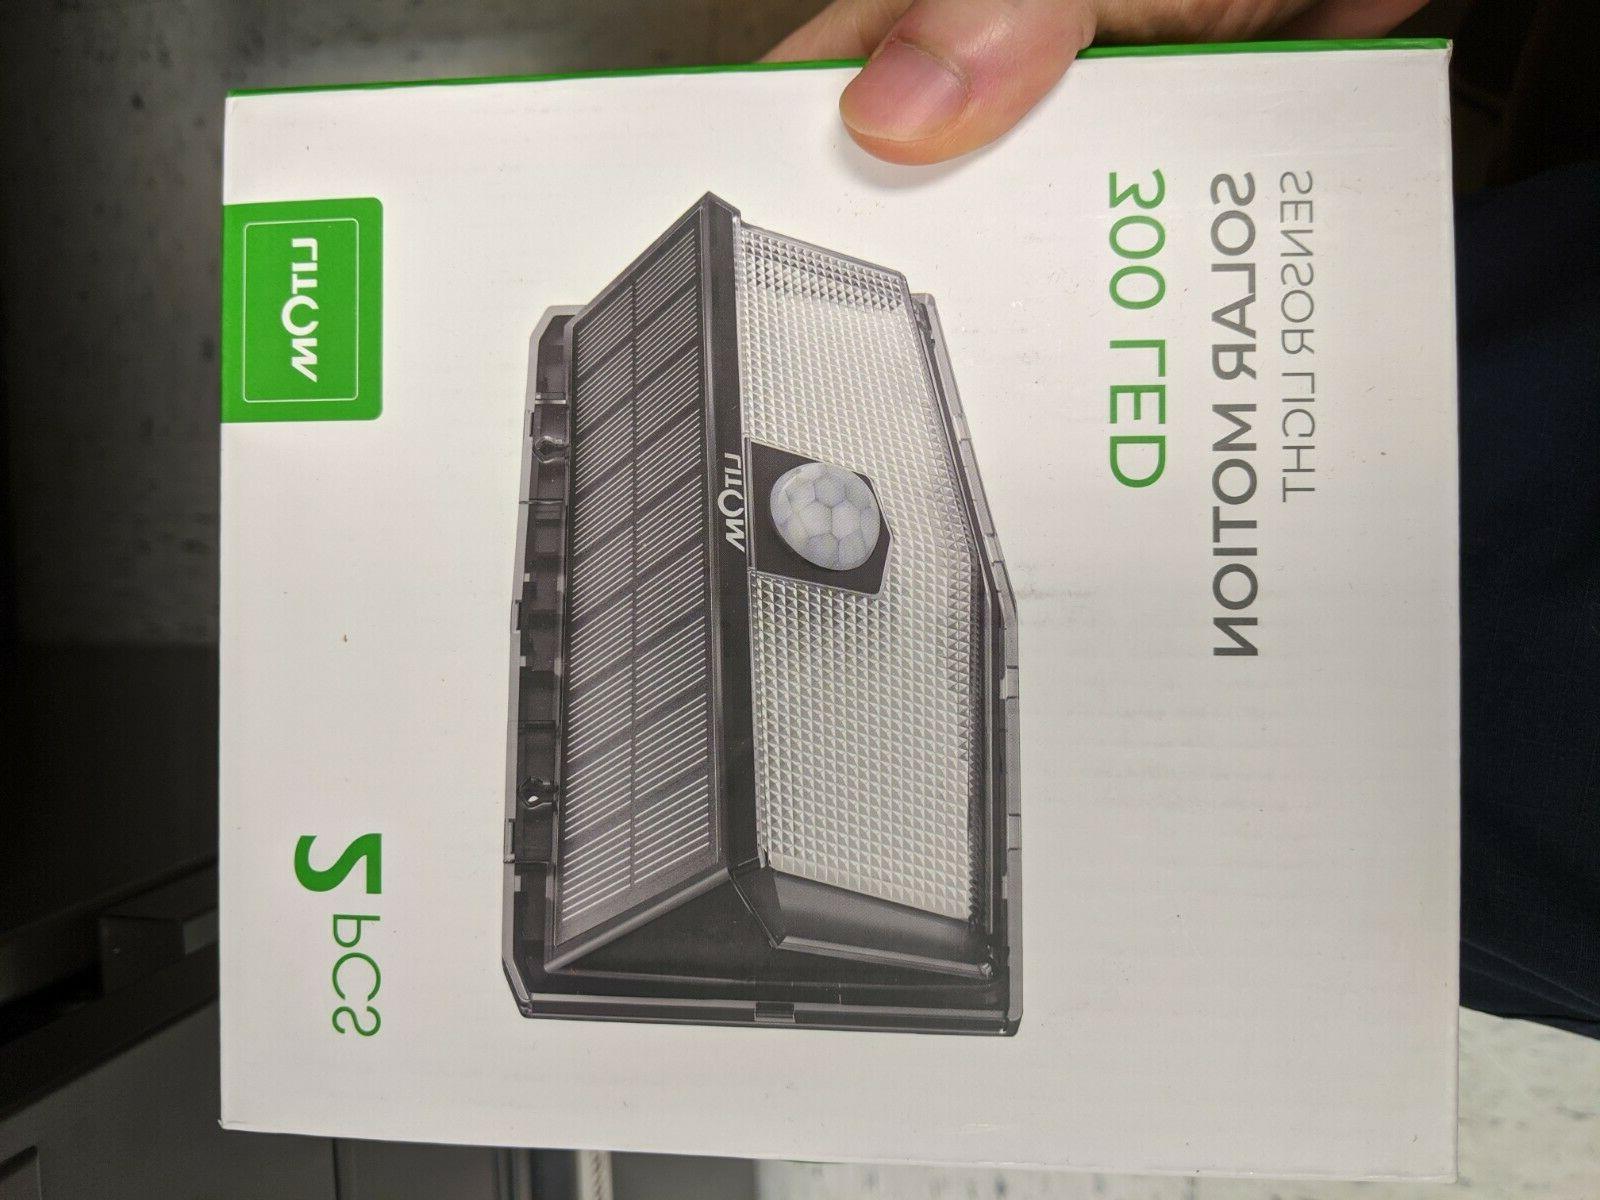 300 Sensor Lights Outdoor, IP67 Waterproof